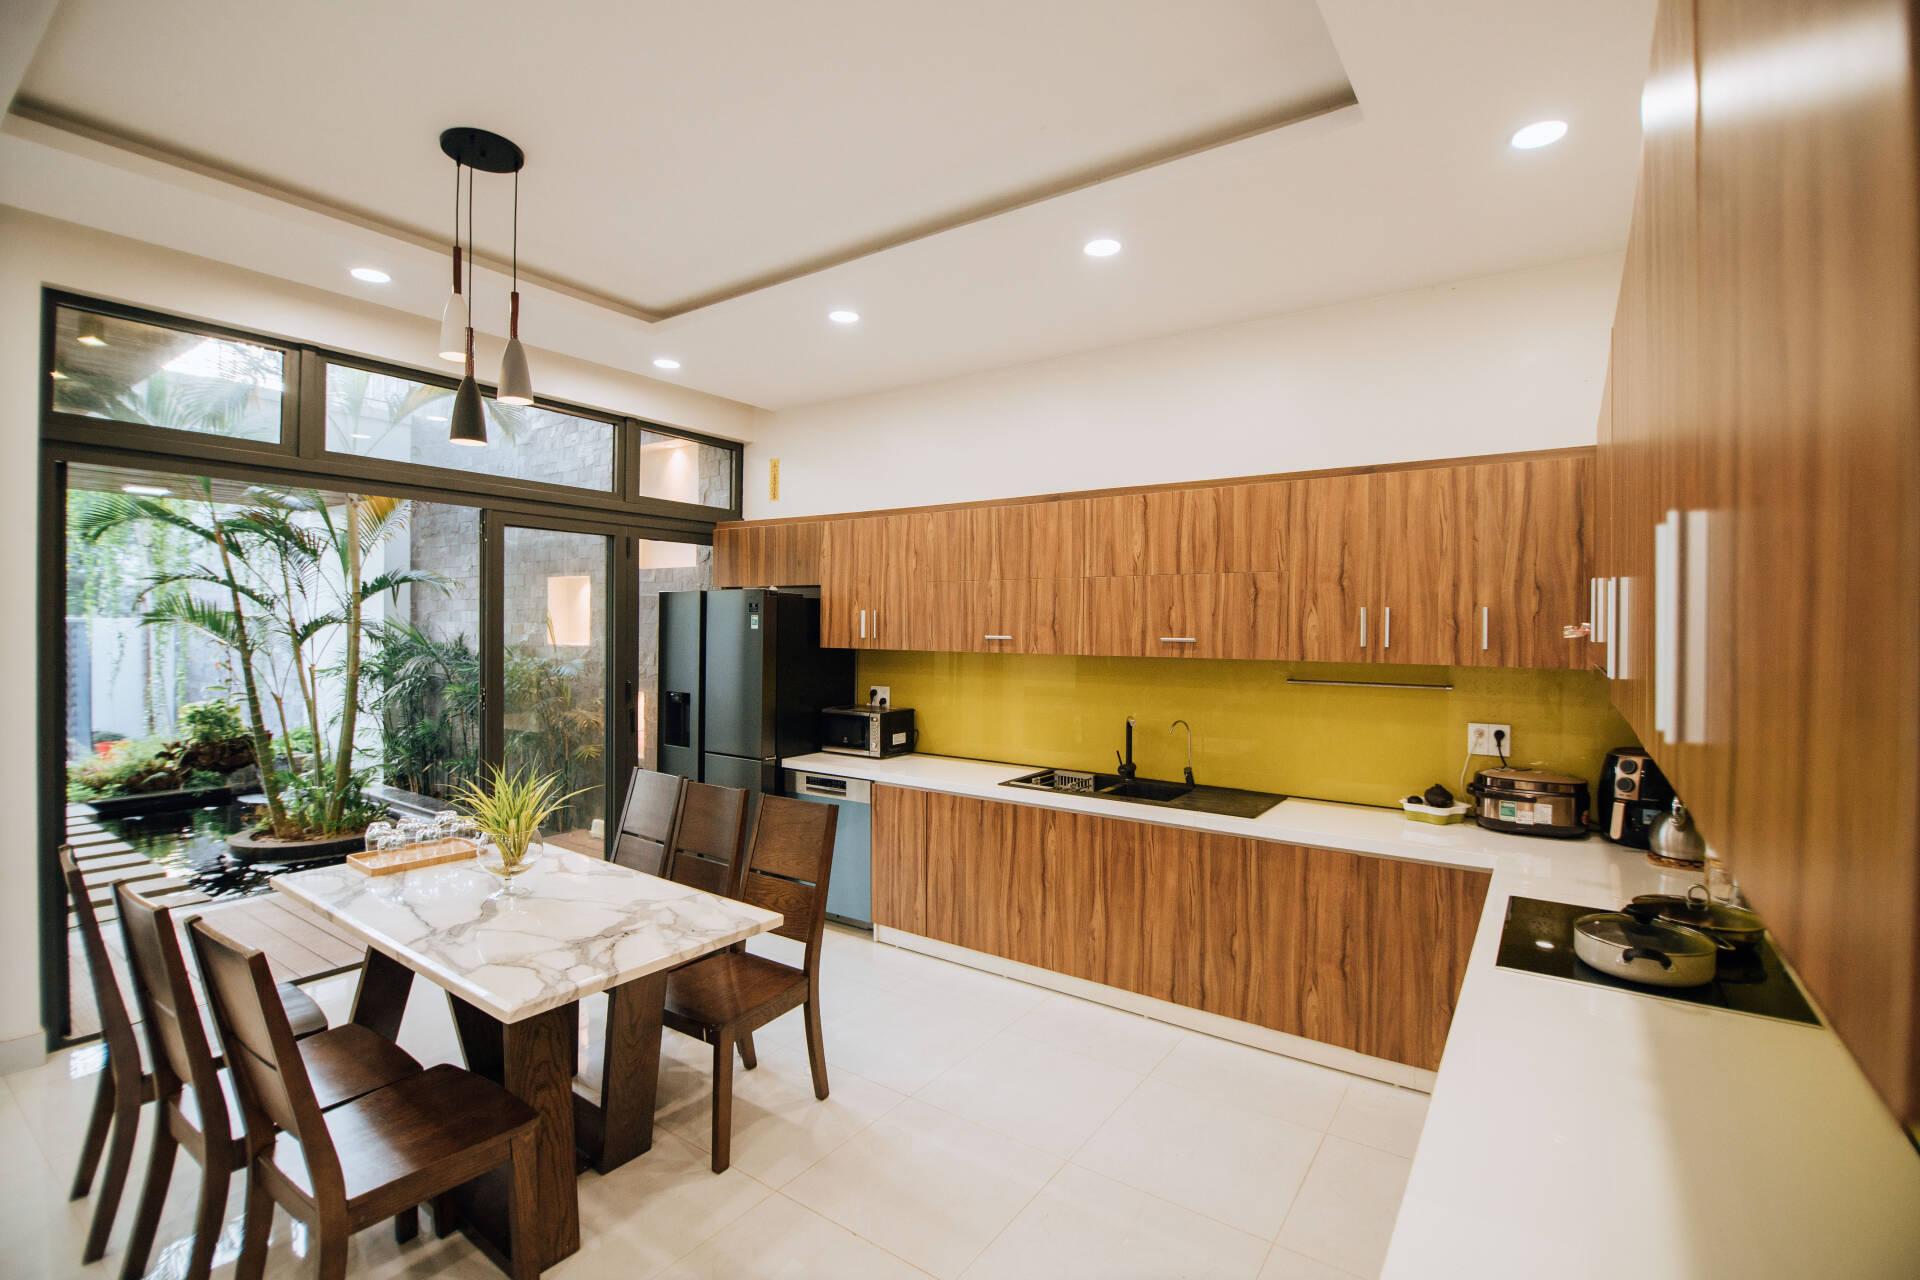 Khu bếp thoáng đãng, mát mẻ giúp gia đình khi nấu nướng hay dùng bữa đều thoải mái